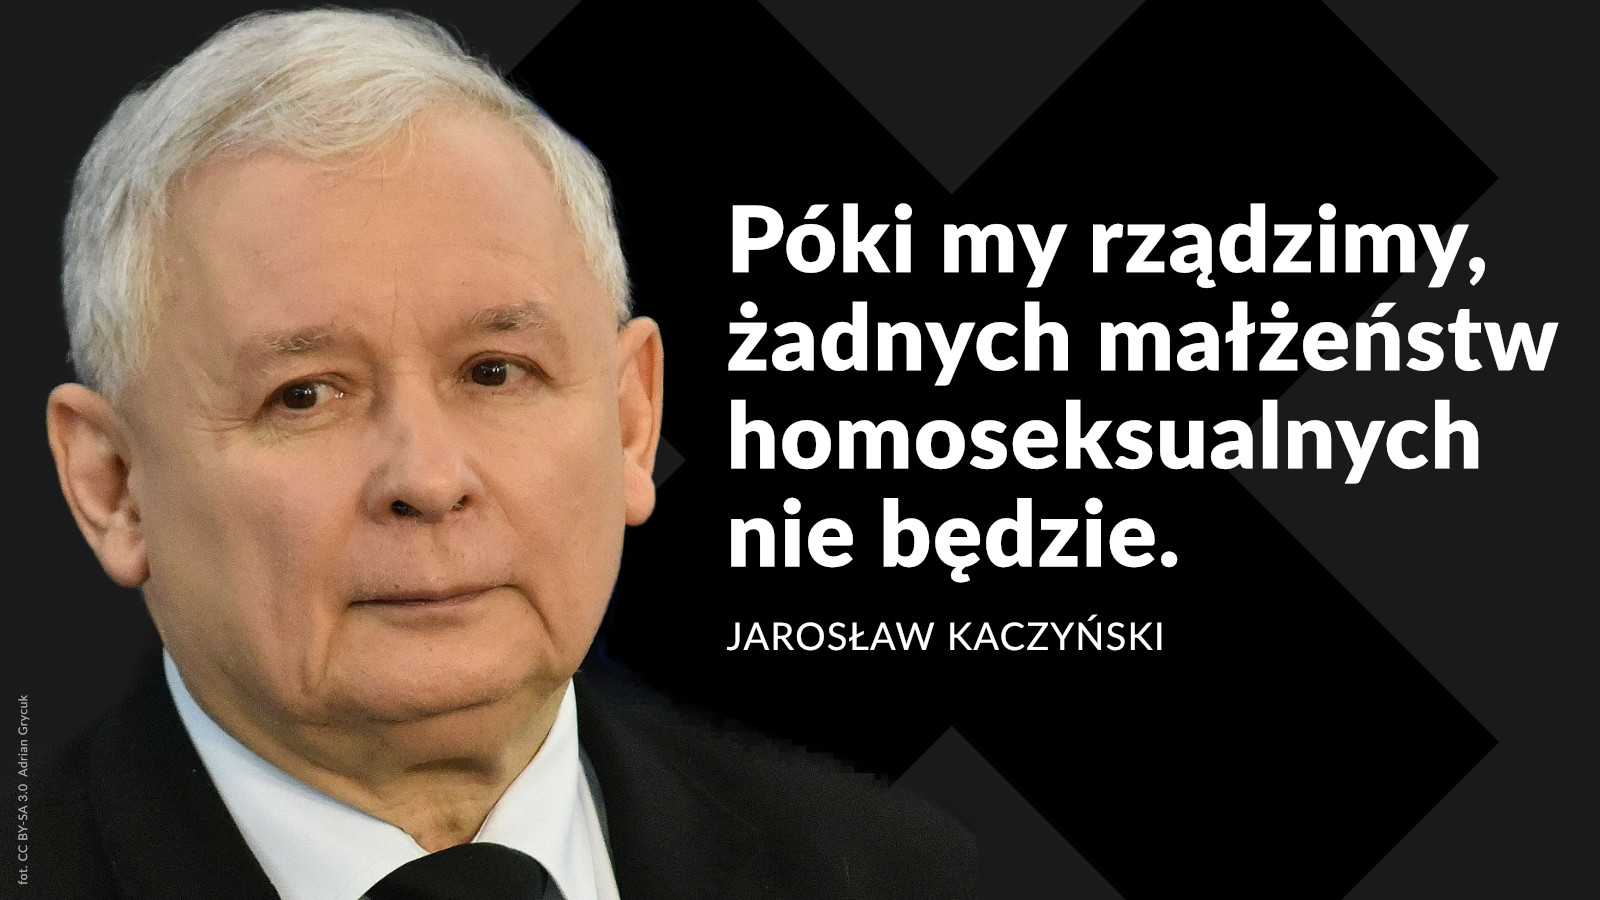 Stanowisko organizacji LGBT+ w sprawie haniebnych słów Jarosława Kaczyńskiego nt. małżeństw jednopłciowych